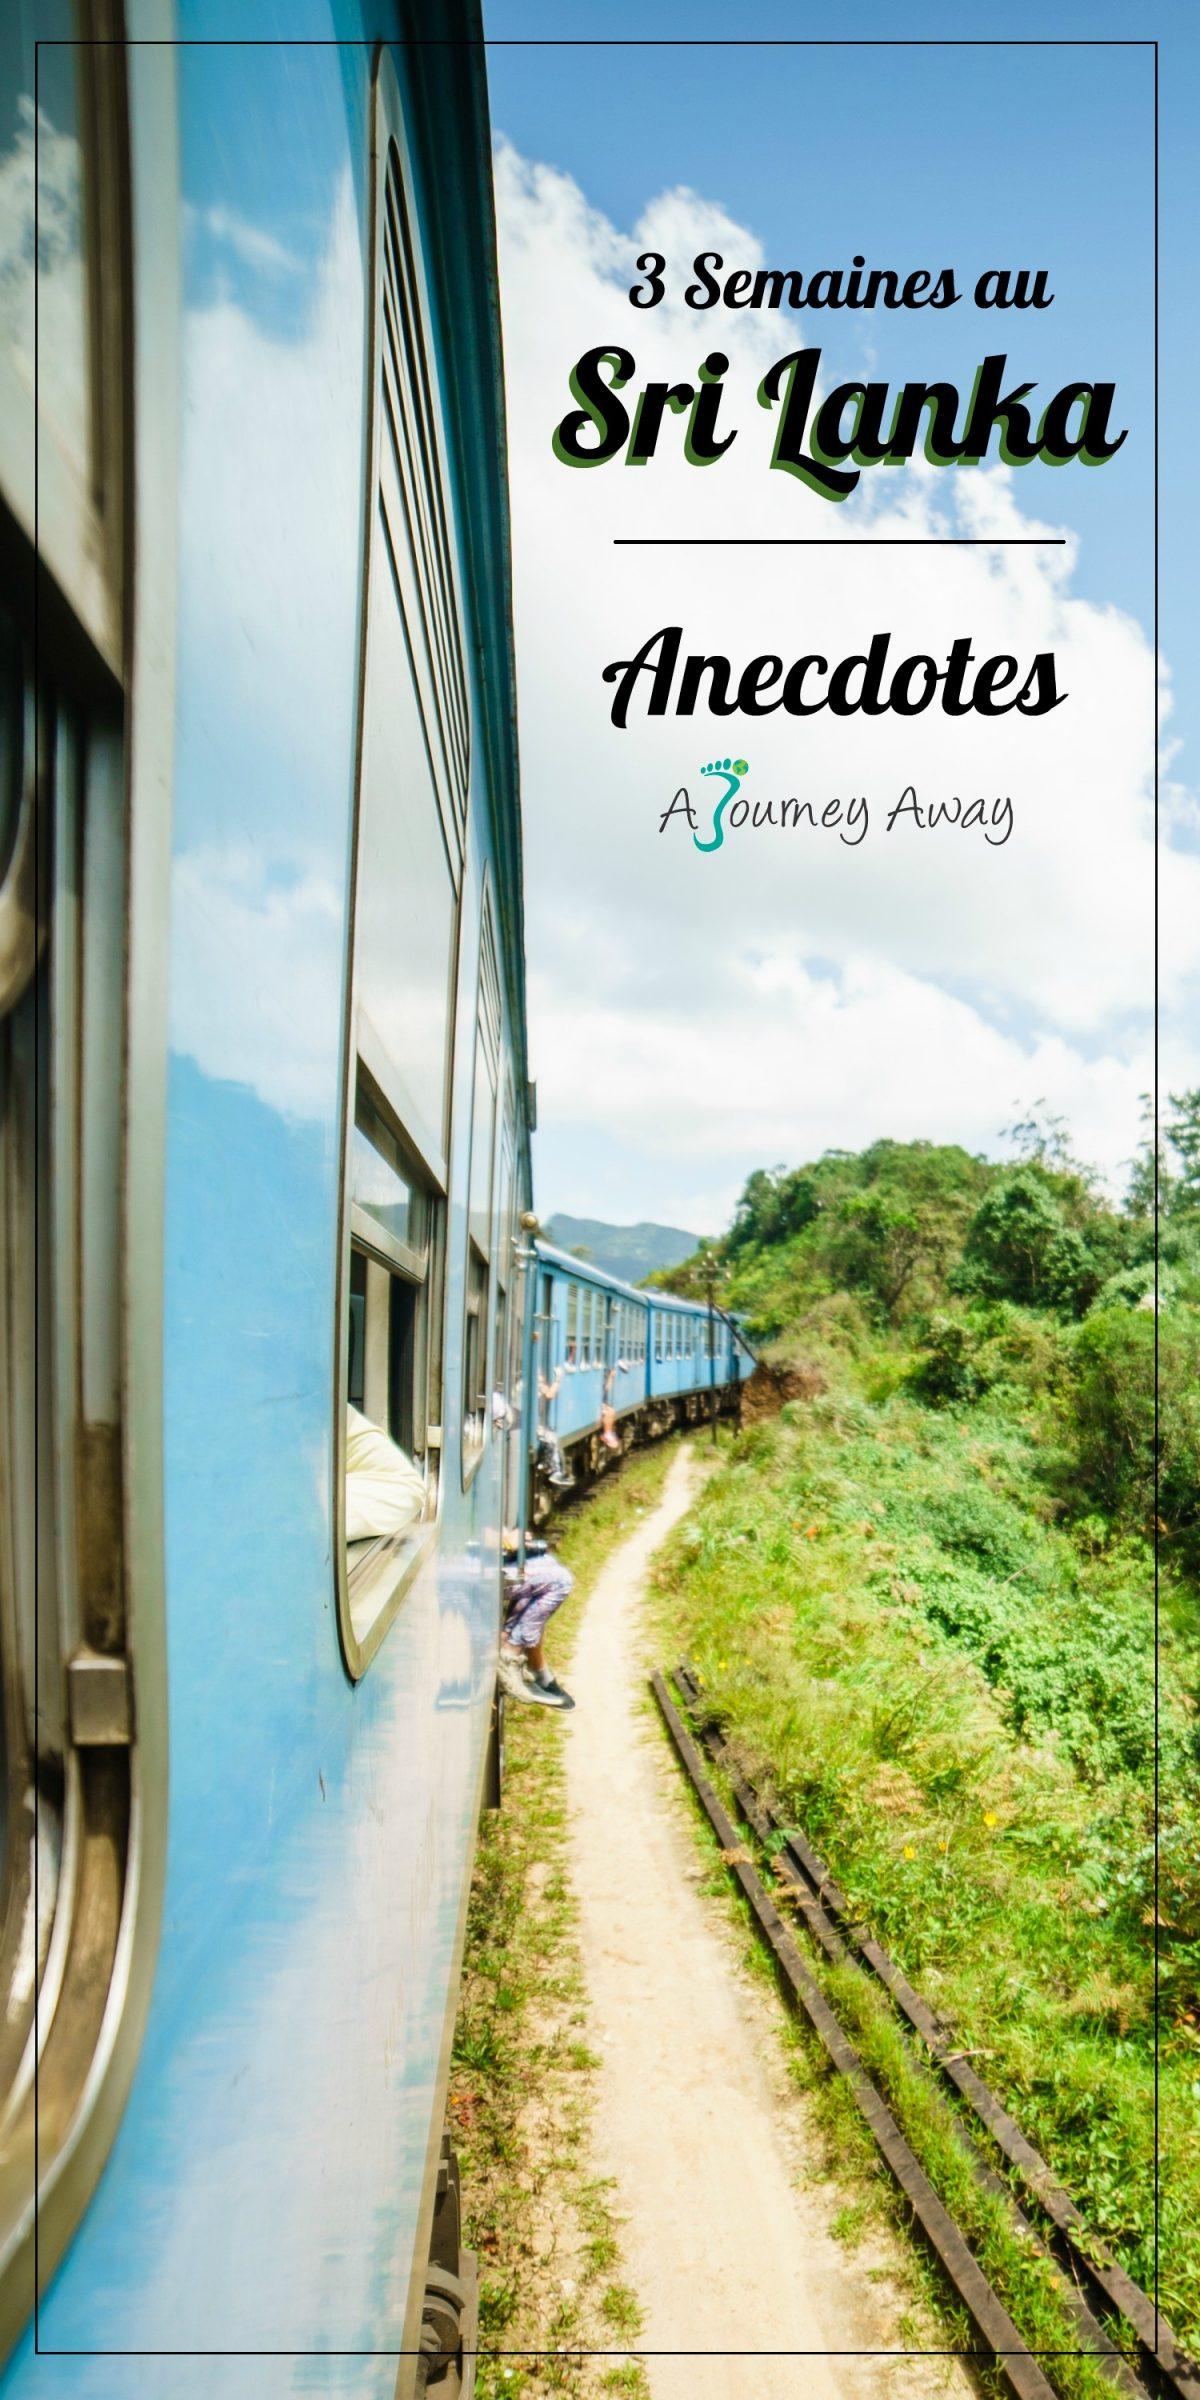 3 Semaines au Sri Lanka - Anecdotes